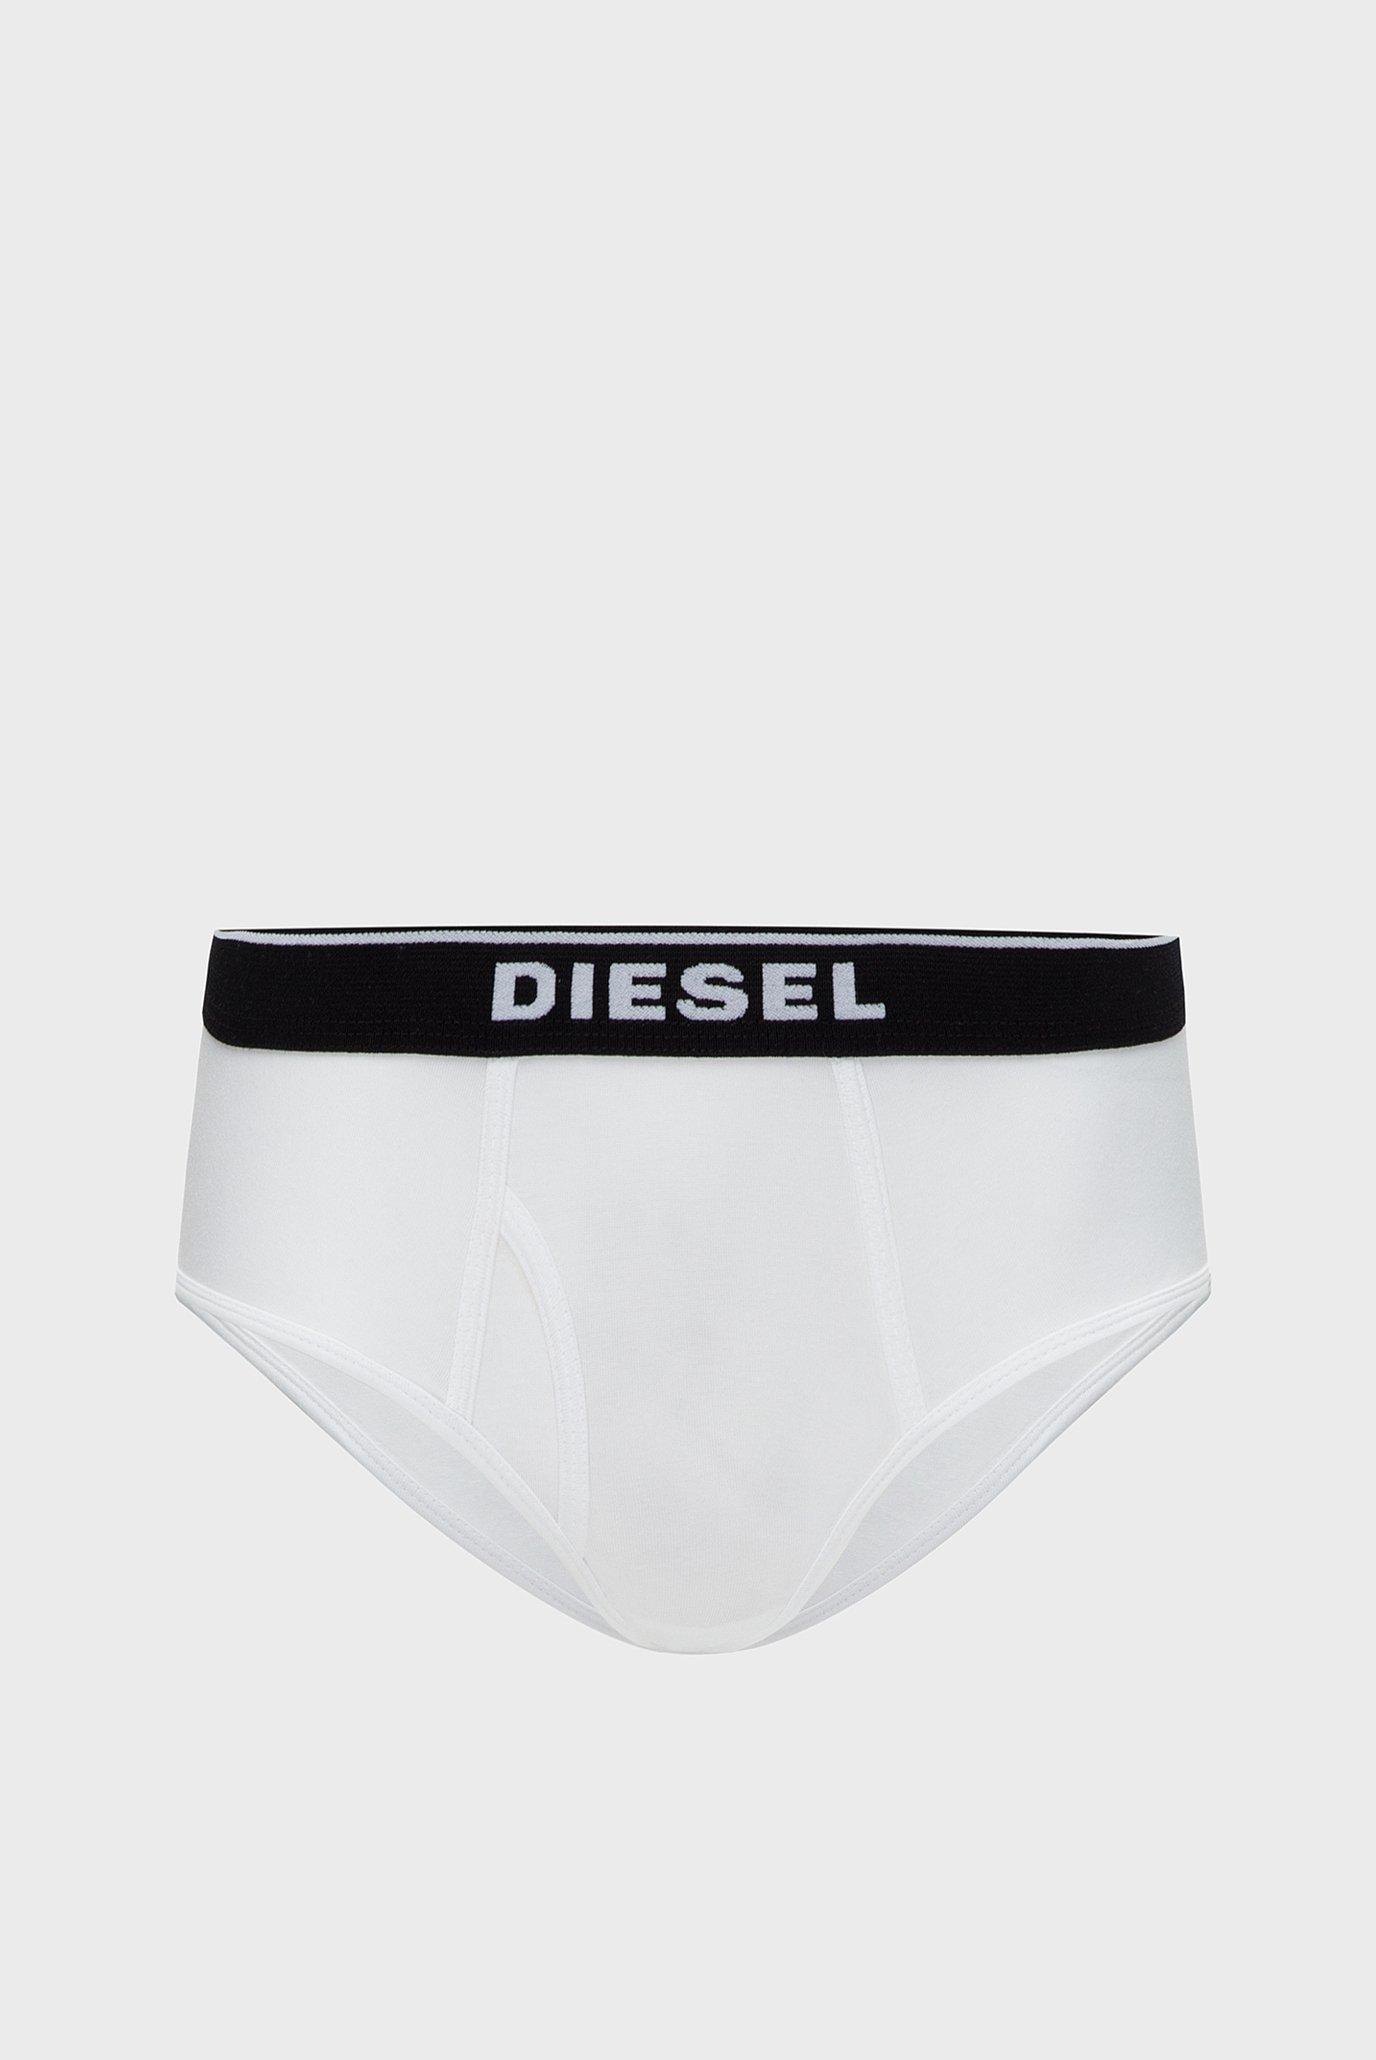 Купить Женские белые трусики Diesel Diesel 00SEX1 0EAUF – Киев, Украина.  Цены в интернет магазине MD Fashion ff8fe6fde67